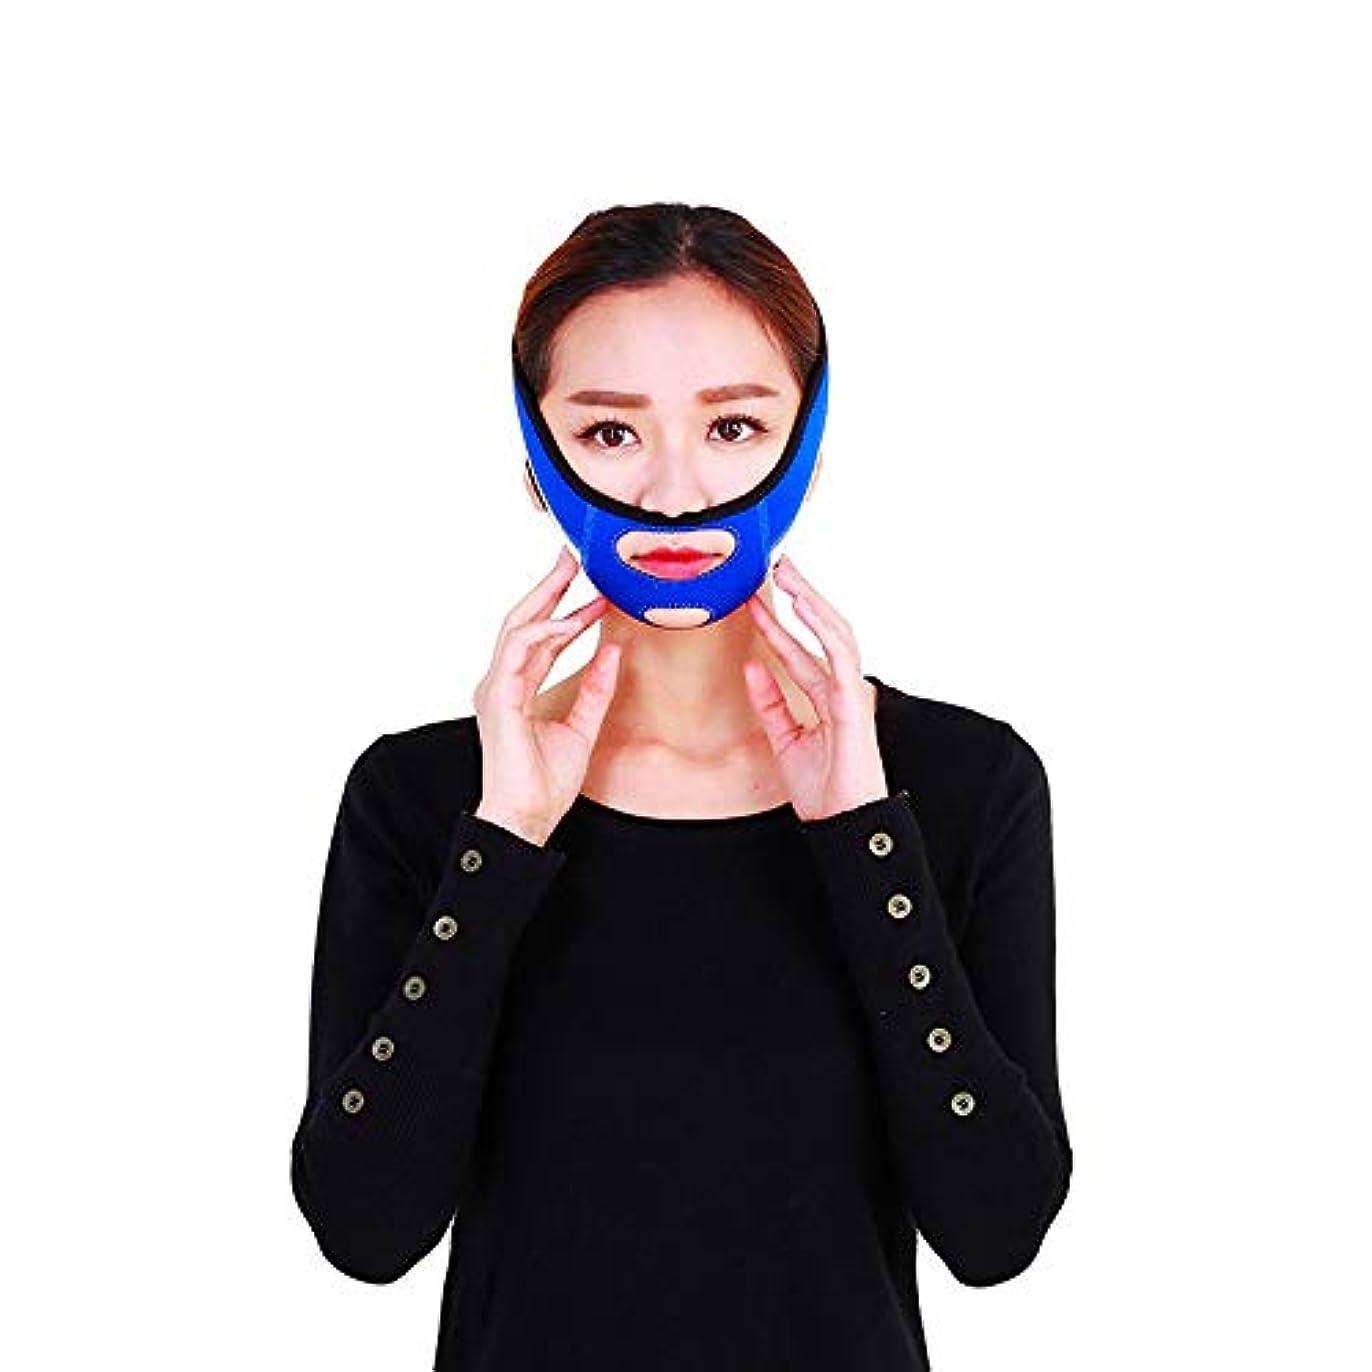 プレミアスラム征服BS フェイシャルリフティング痩身ベルトフェーススリム二重あごを取り除くアンチエイジングリンクルフェイス包帯マスク整形マスクが顔を引き締める フェイスリフティングアーティファクト